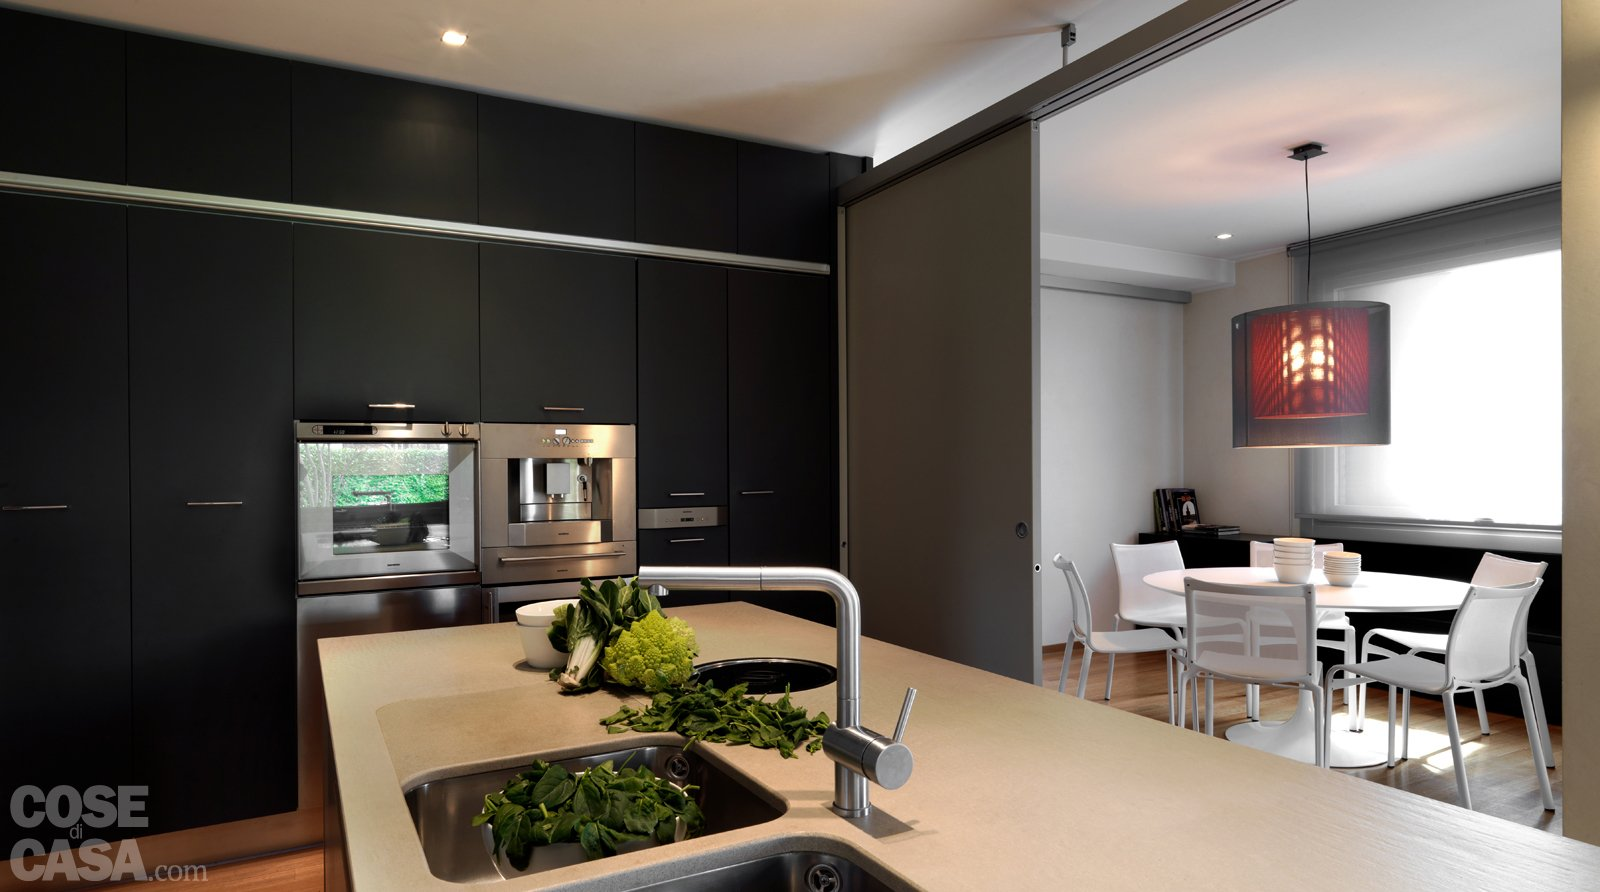 Una casa arredata con pezzi di design e finiture di tendenza - Cose di ...